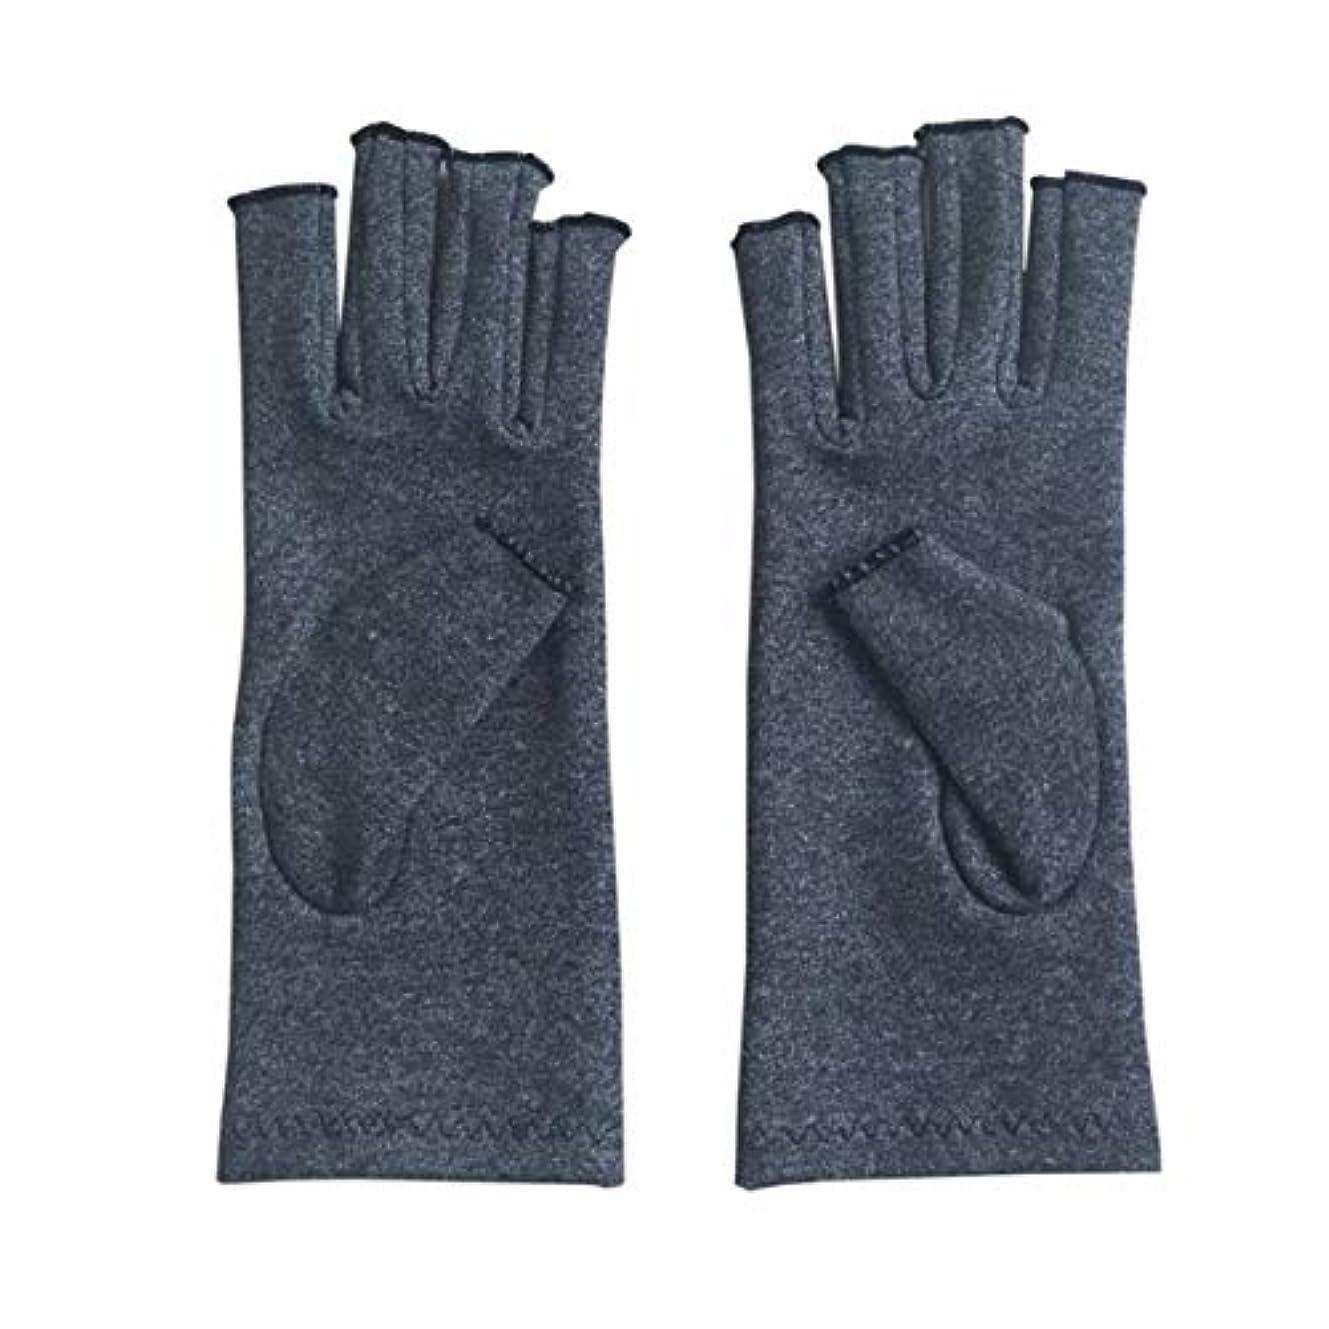 剥離融合はずペア/セット快適な男性女性療法圧縮手袋無地通気性関節炎関節痛緩和手袋 - グレーM